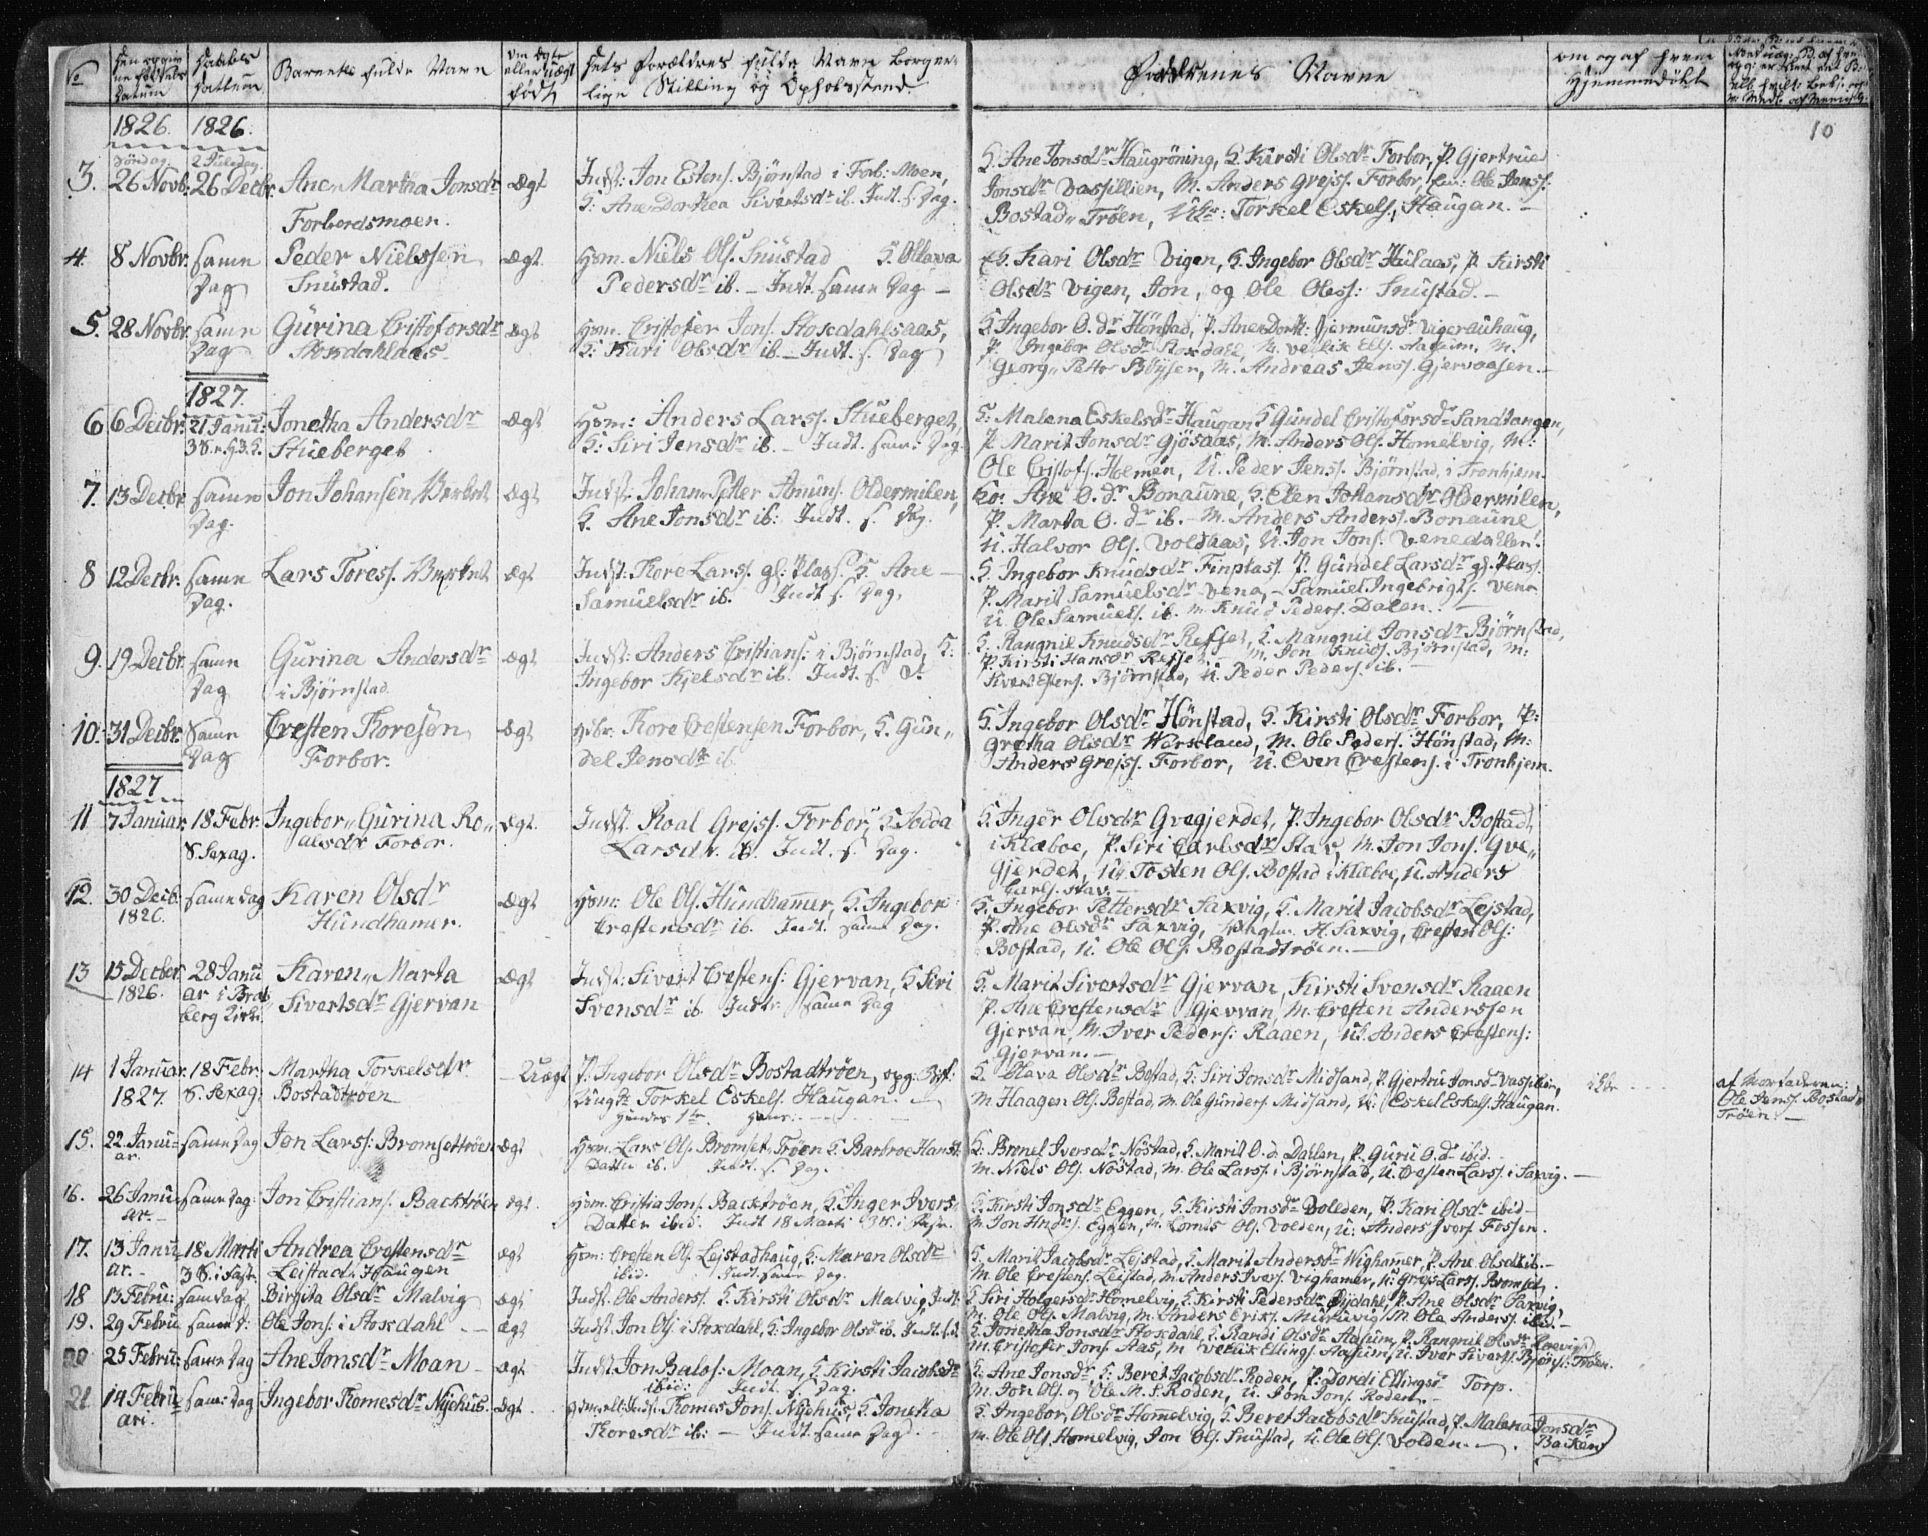 SAT, Ministerialprotokoller, klokkerbøker og fødselsregistre - Sør-Trøndelag, 616/L0404: Ministerialbok nr. 616A01, 1823-1831, s. 10